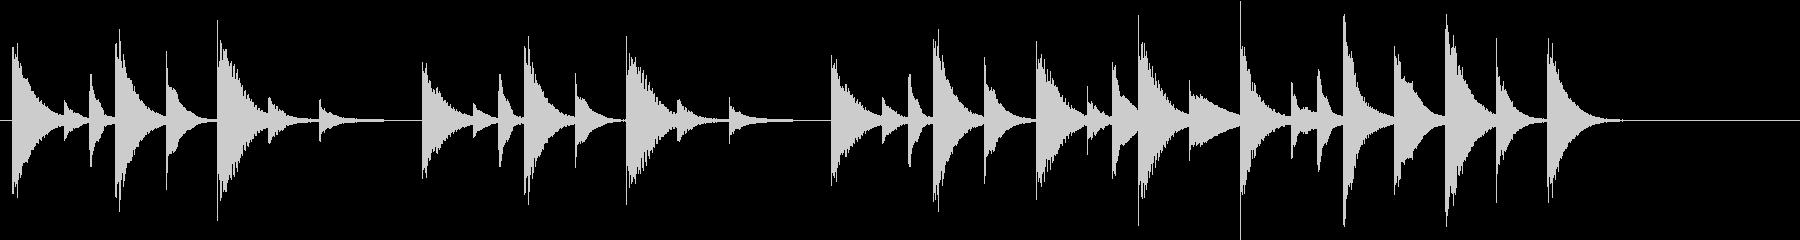 木琴の音で作った短い曲の未再生の波形